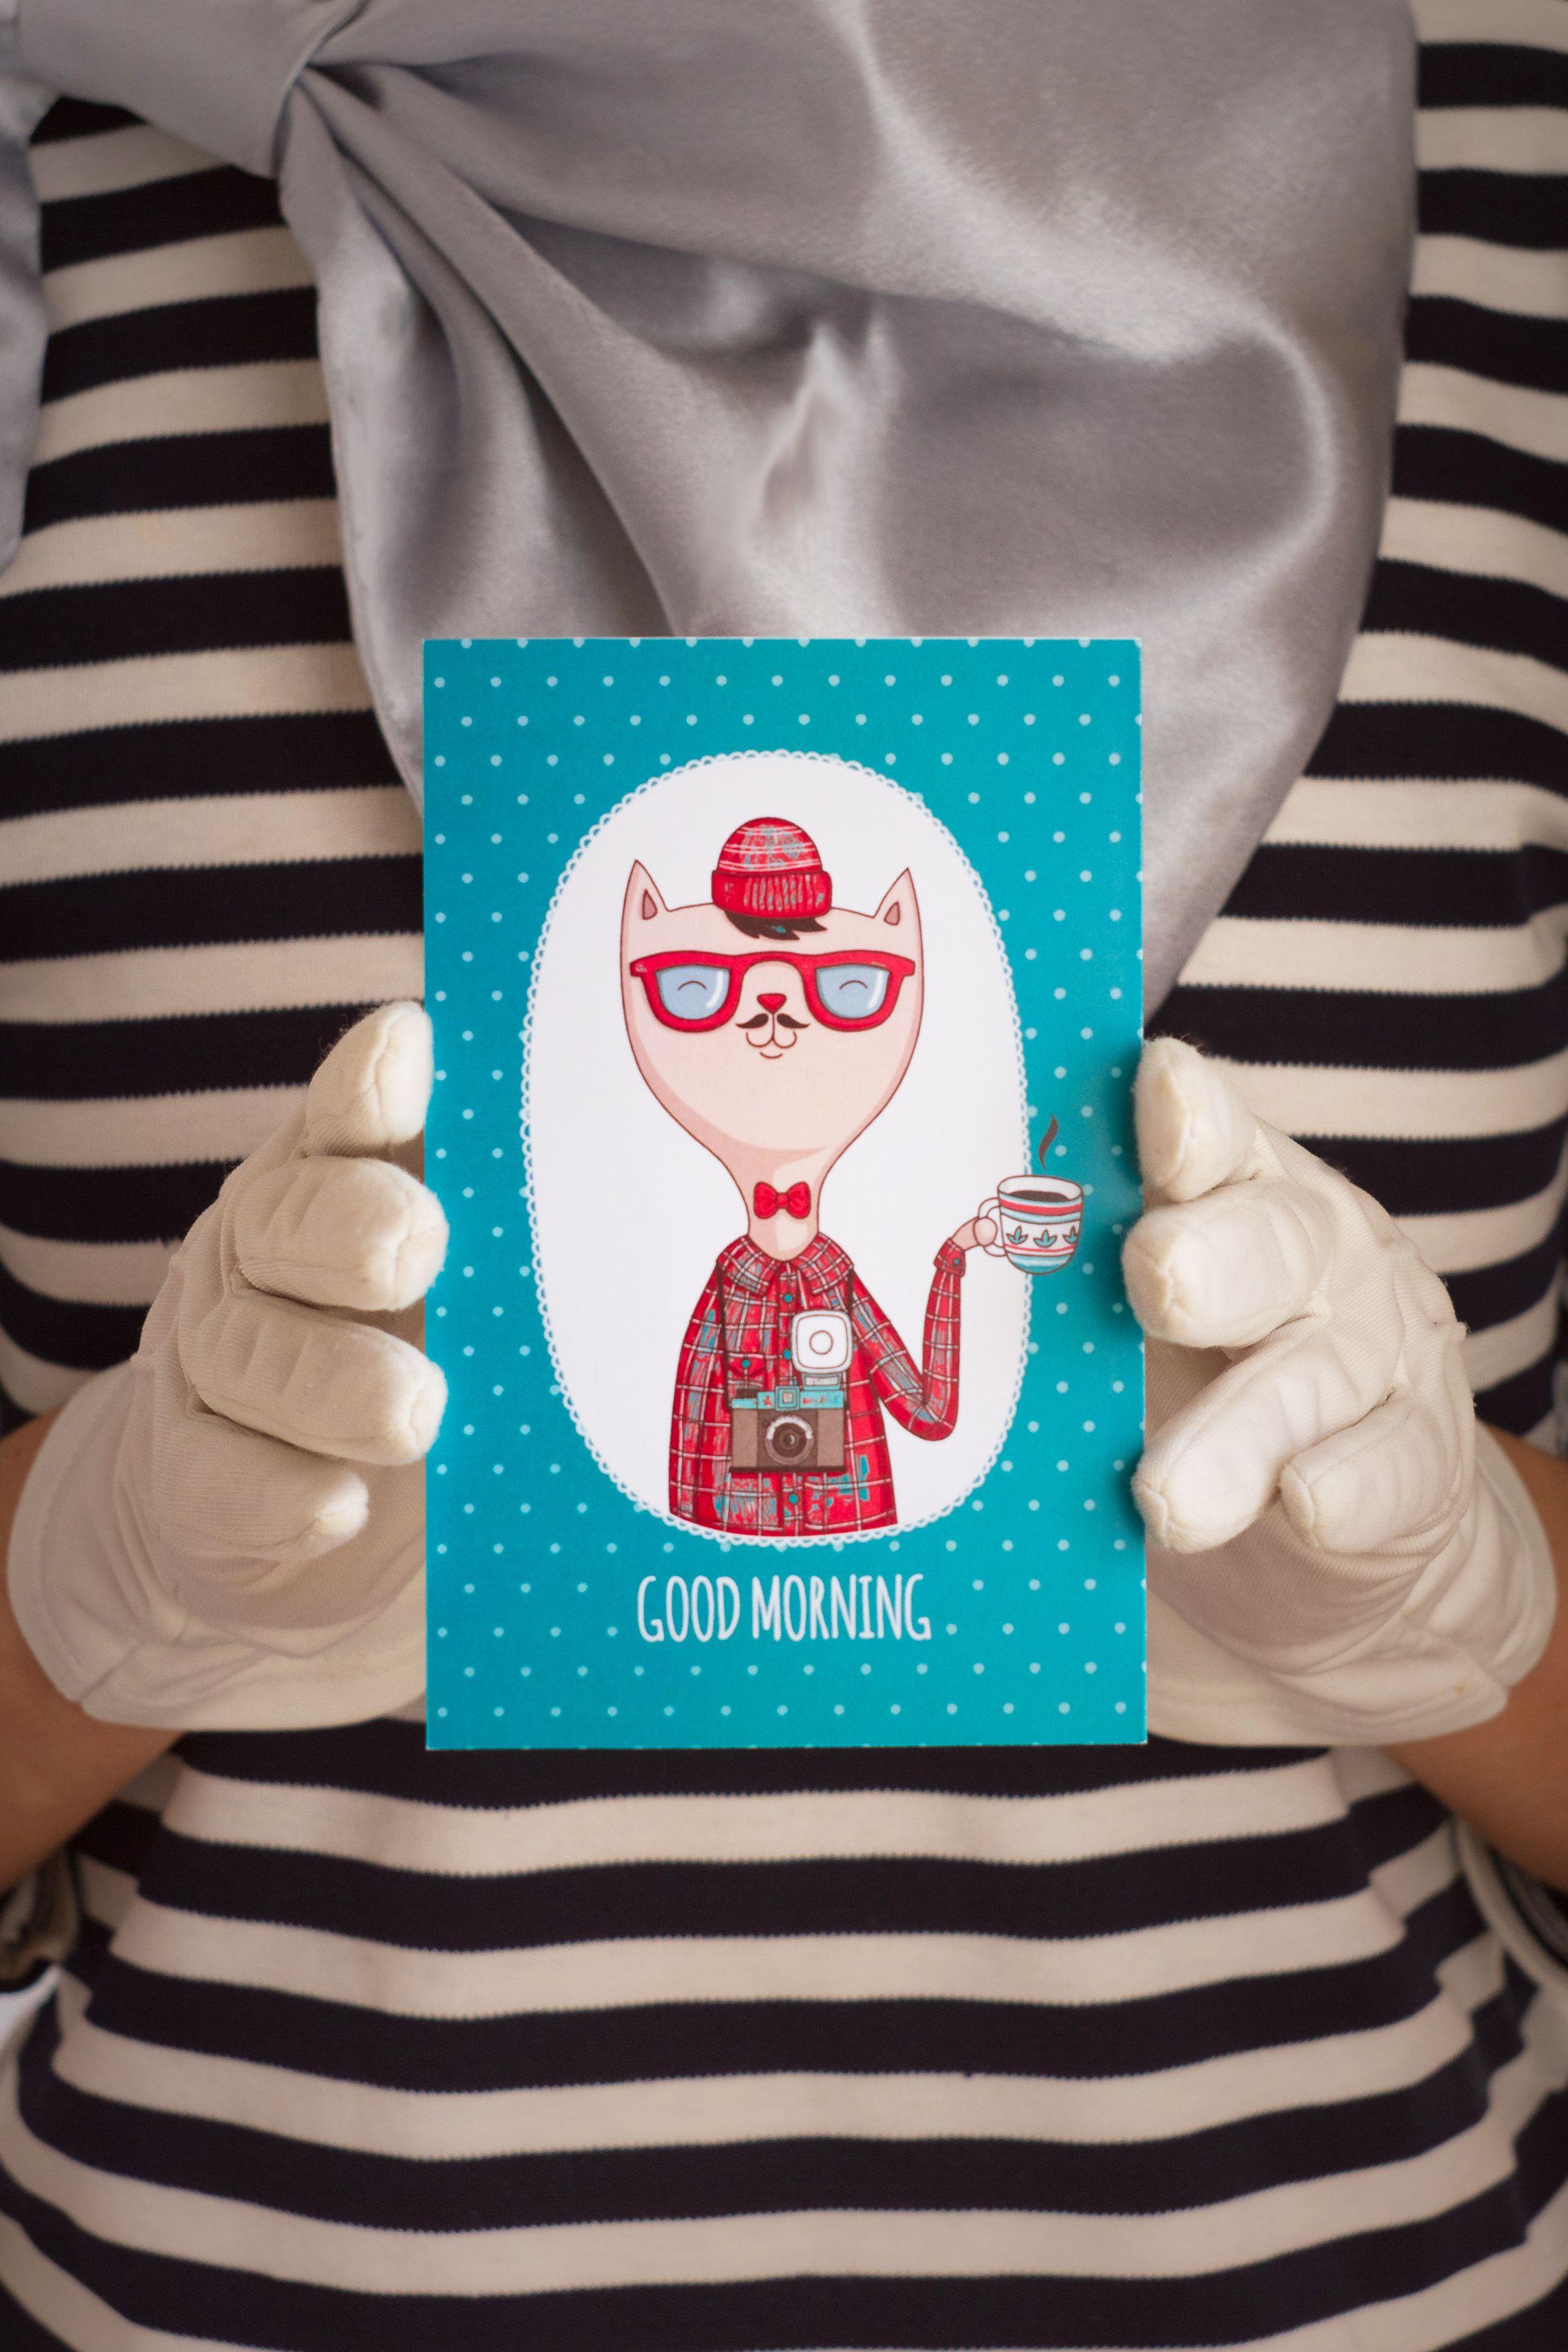 подарок goodmorning знаквнимания сюрприз открытка